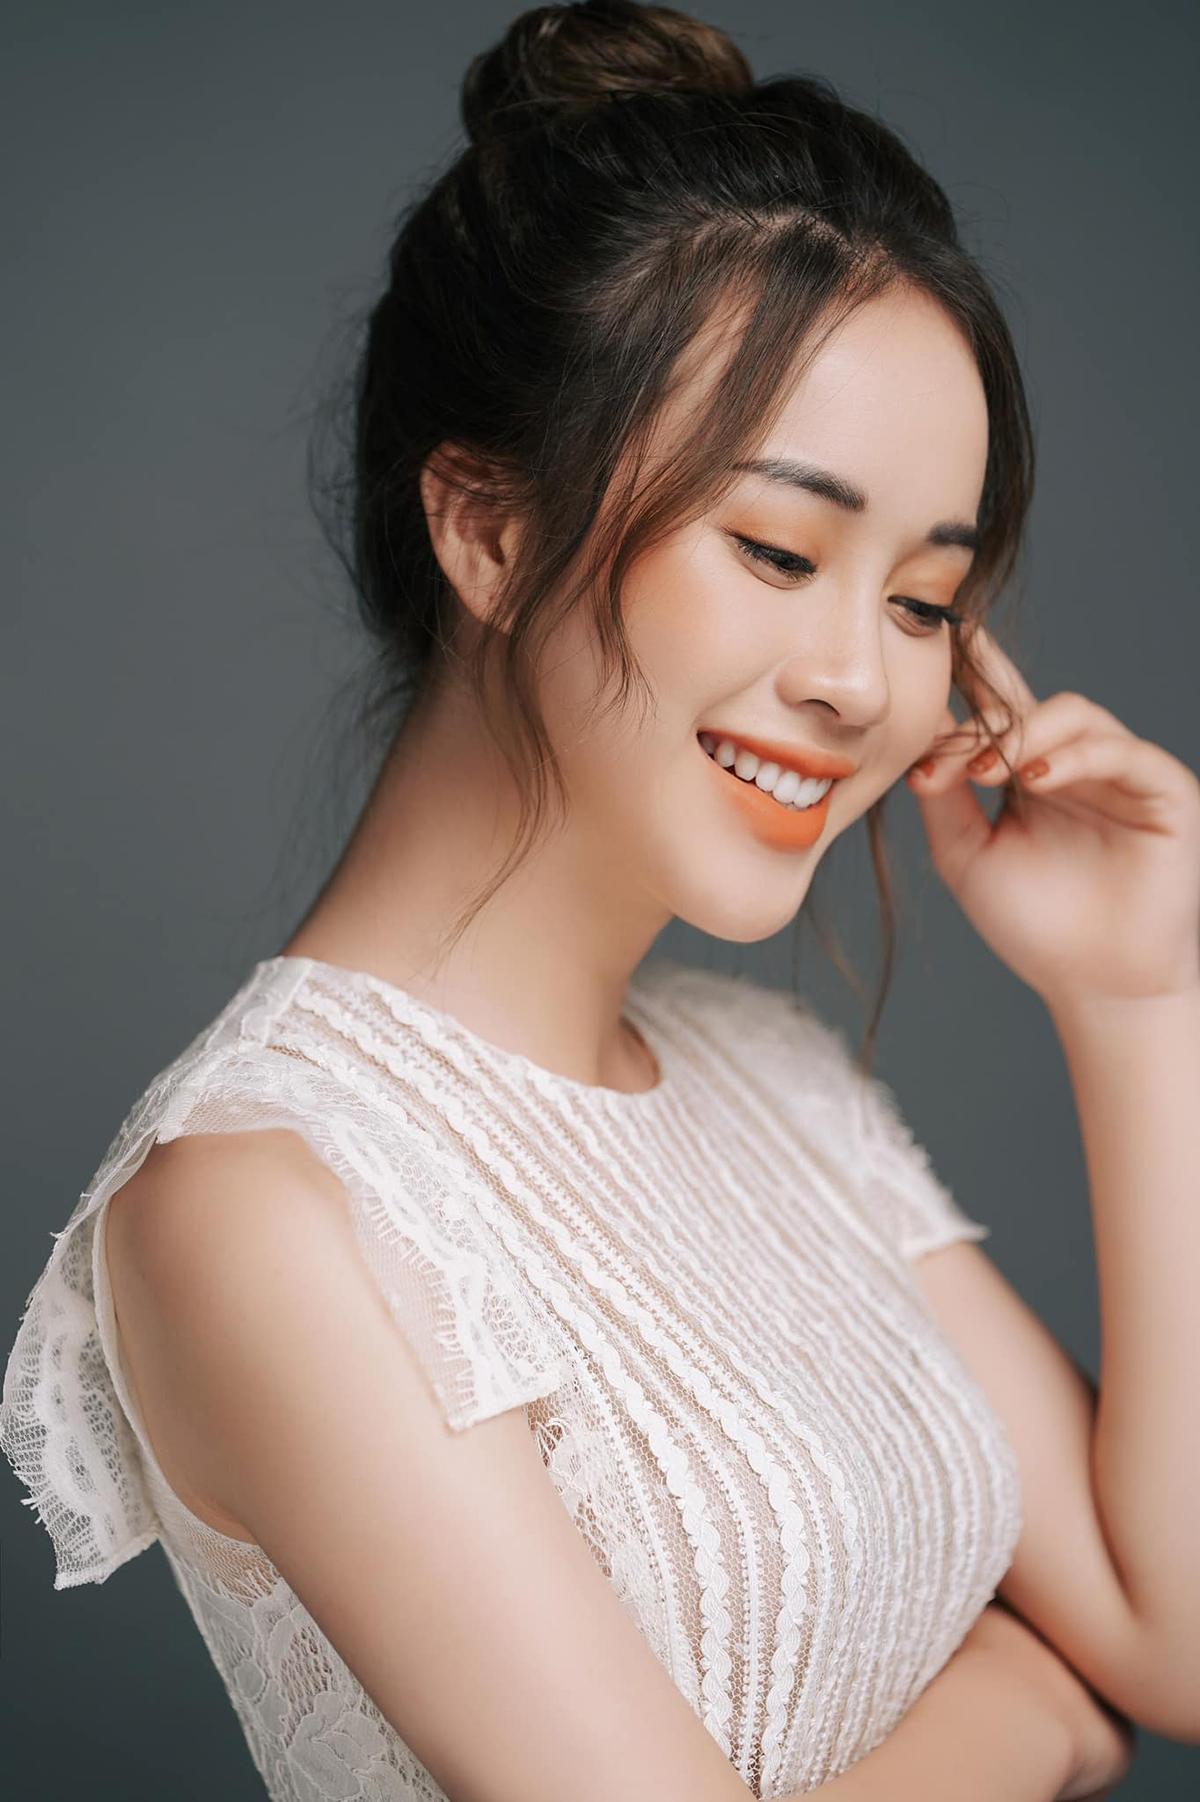 Có kinh nghiệm chụp hình thời trang, dẫn chương trình lâu năm, Mai Phương rất tự tin trước ống kính. Những bức hình của cô luôn toát lên vẻ thân thiện, gần gũi, phù hợp với hình tượng của Hoa hậu Việt Nam.